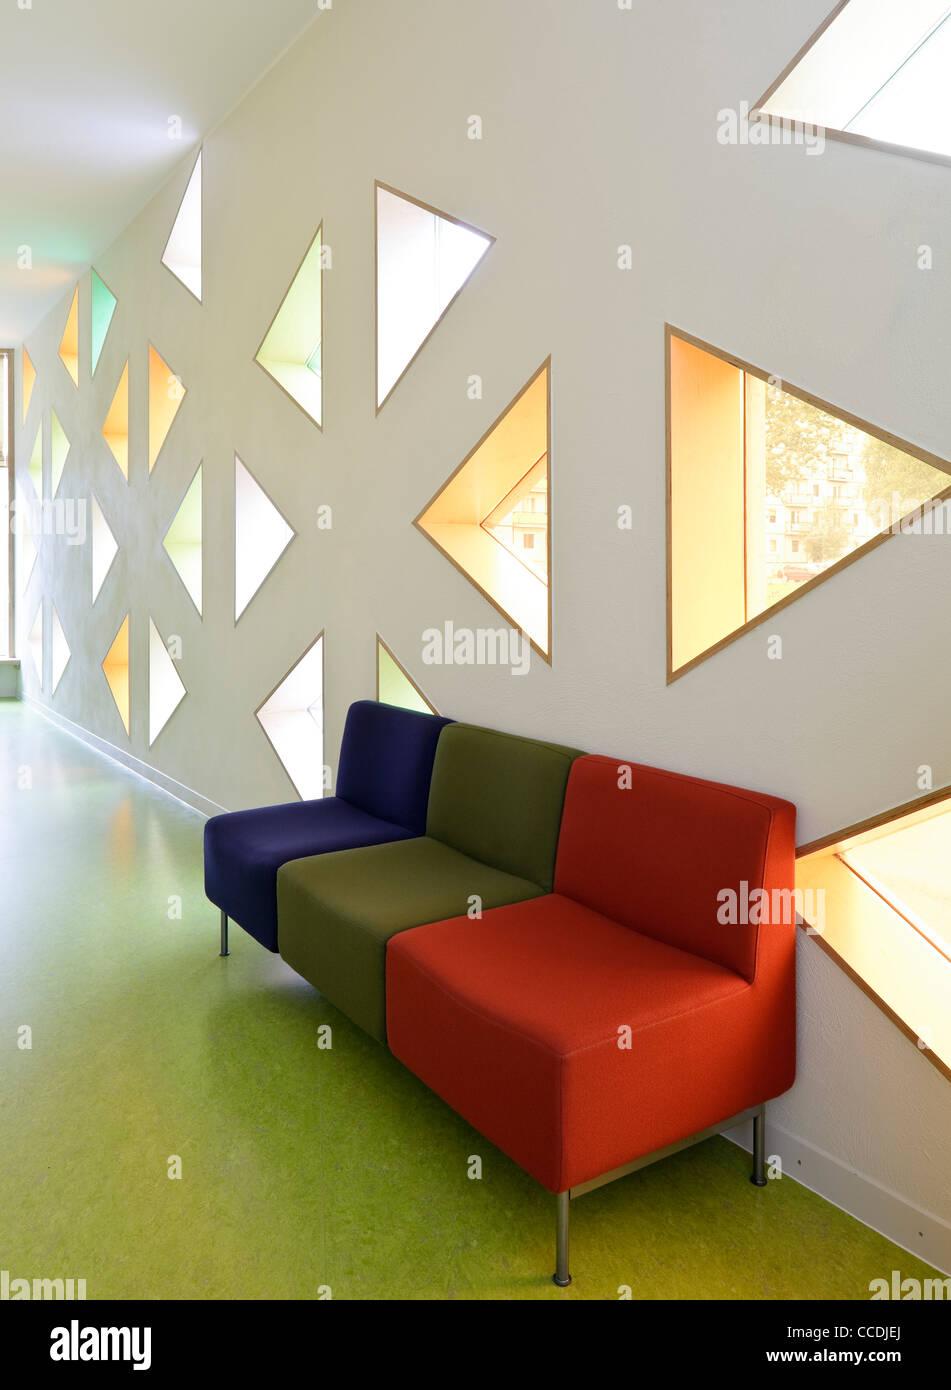 Die Stadt Tartu hat das Ziel der Umsetzung qualitativ hochwertiger modernen Architektur In neuen öffentlichen Stockbild